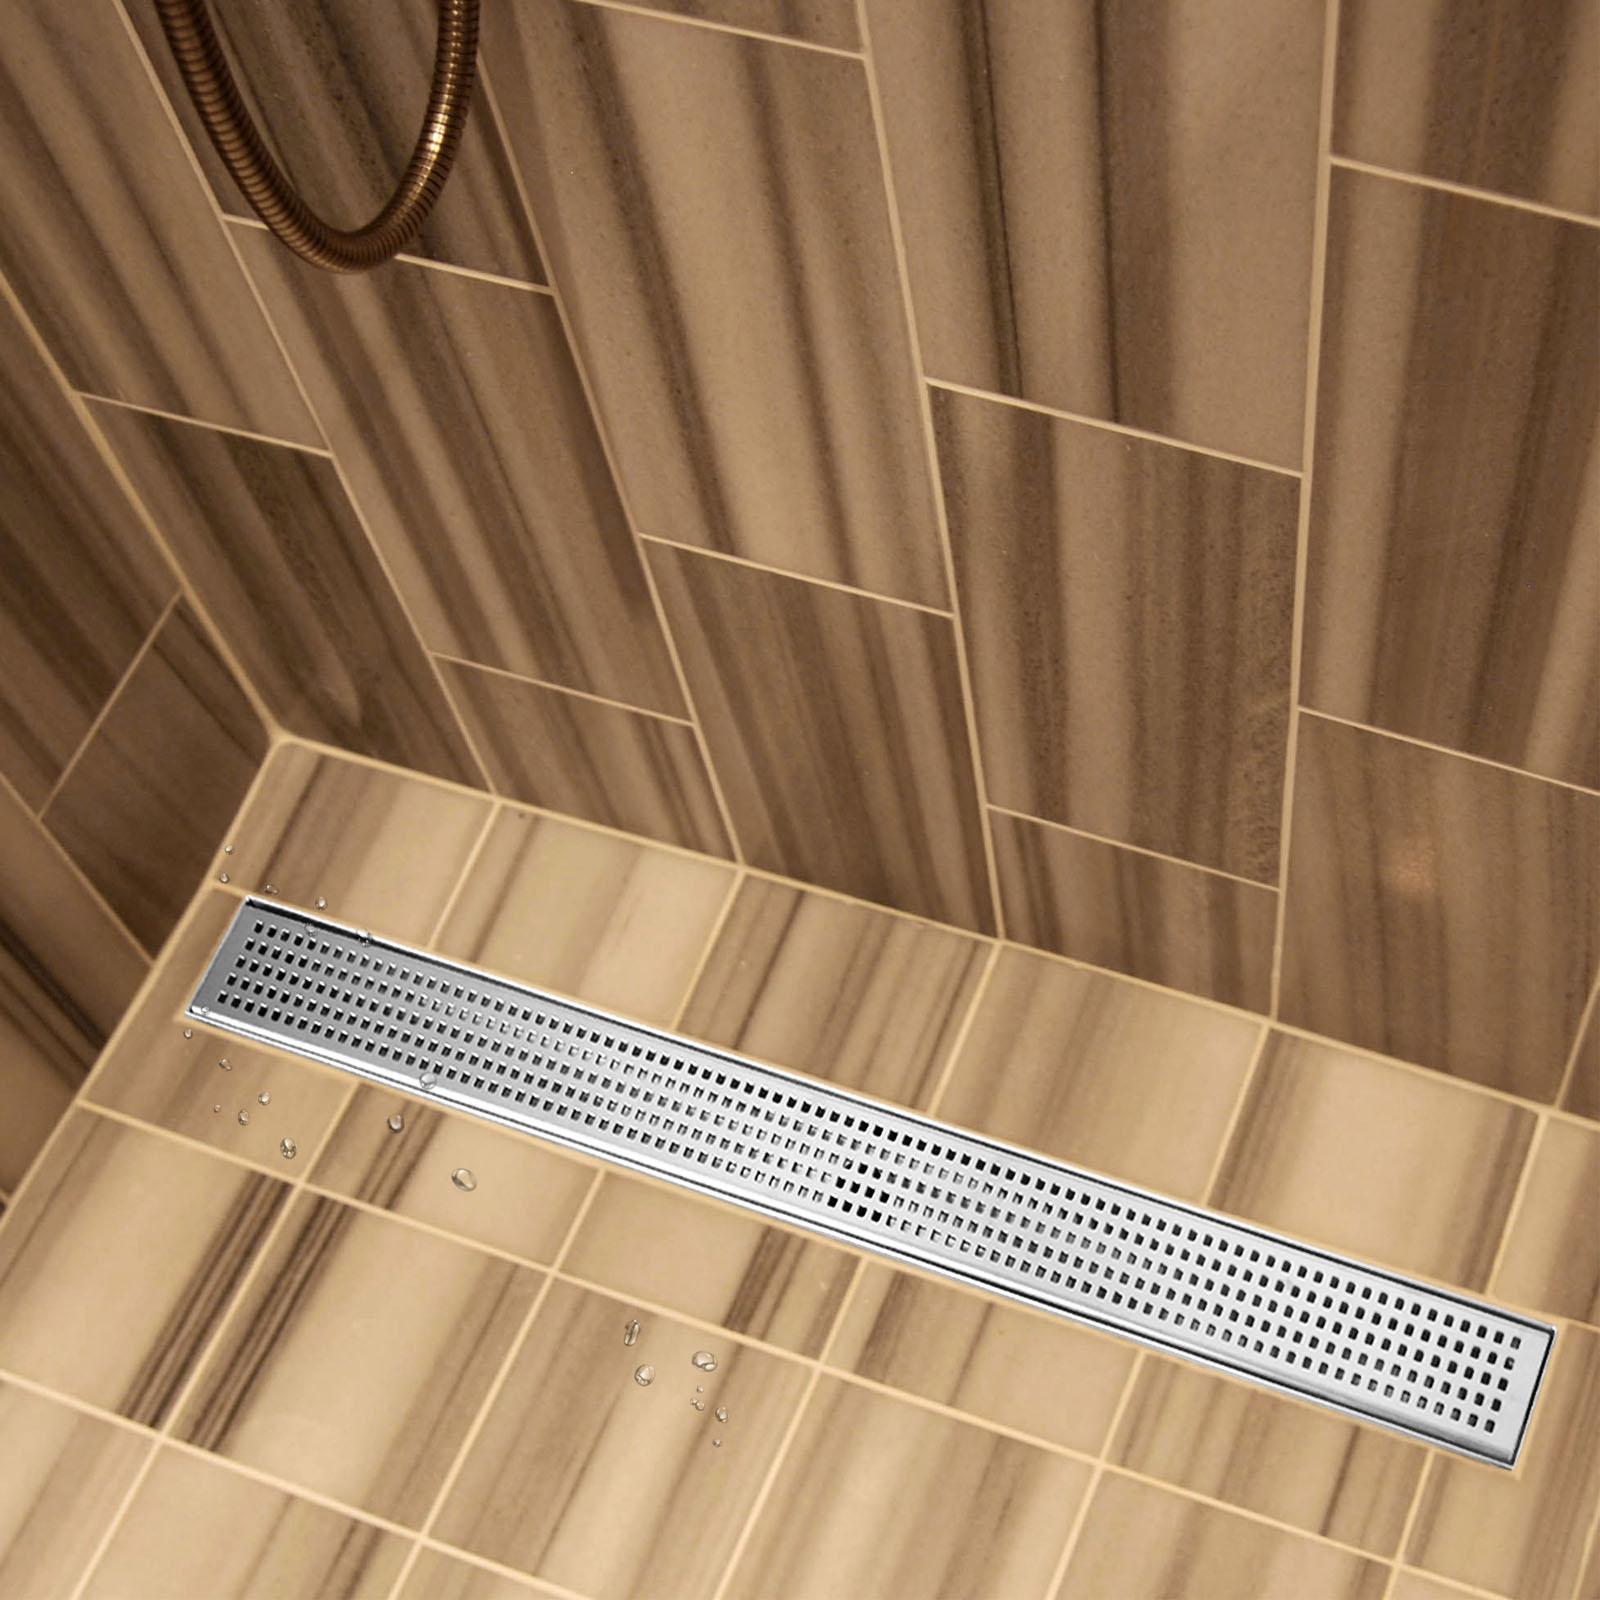 600 1200mm stainless steel tile insert shower grate drain floor linear bathroom ebay